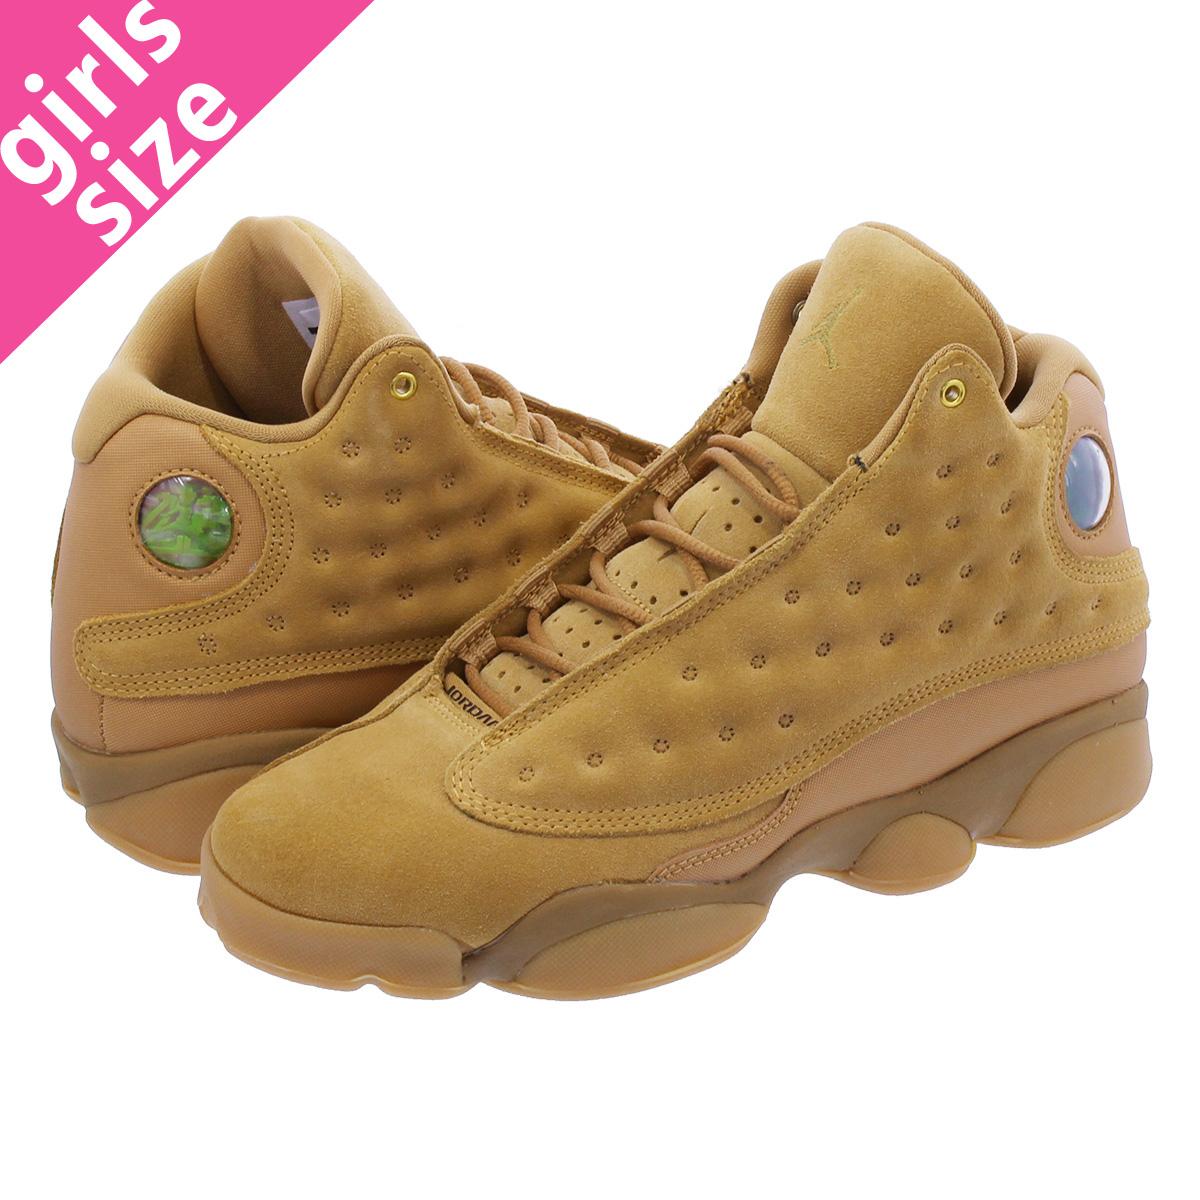 7da1928a426 NIKE AIR JORDAN 13 RETRO BG Nike Air Jordan 13 nostalgic BG ELEMENTAL  GOLD/BAROQUE ...